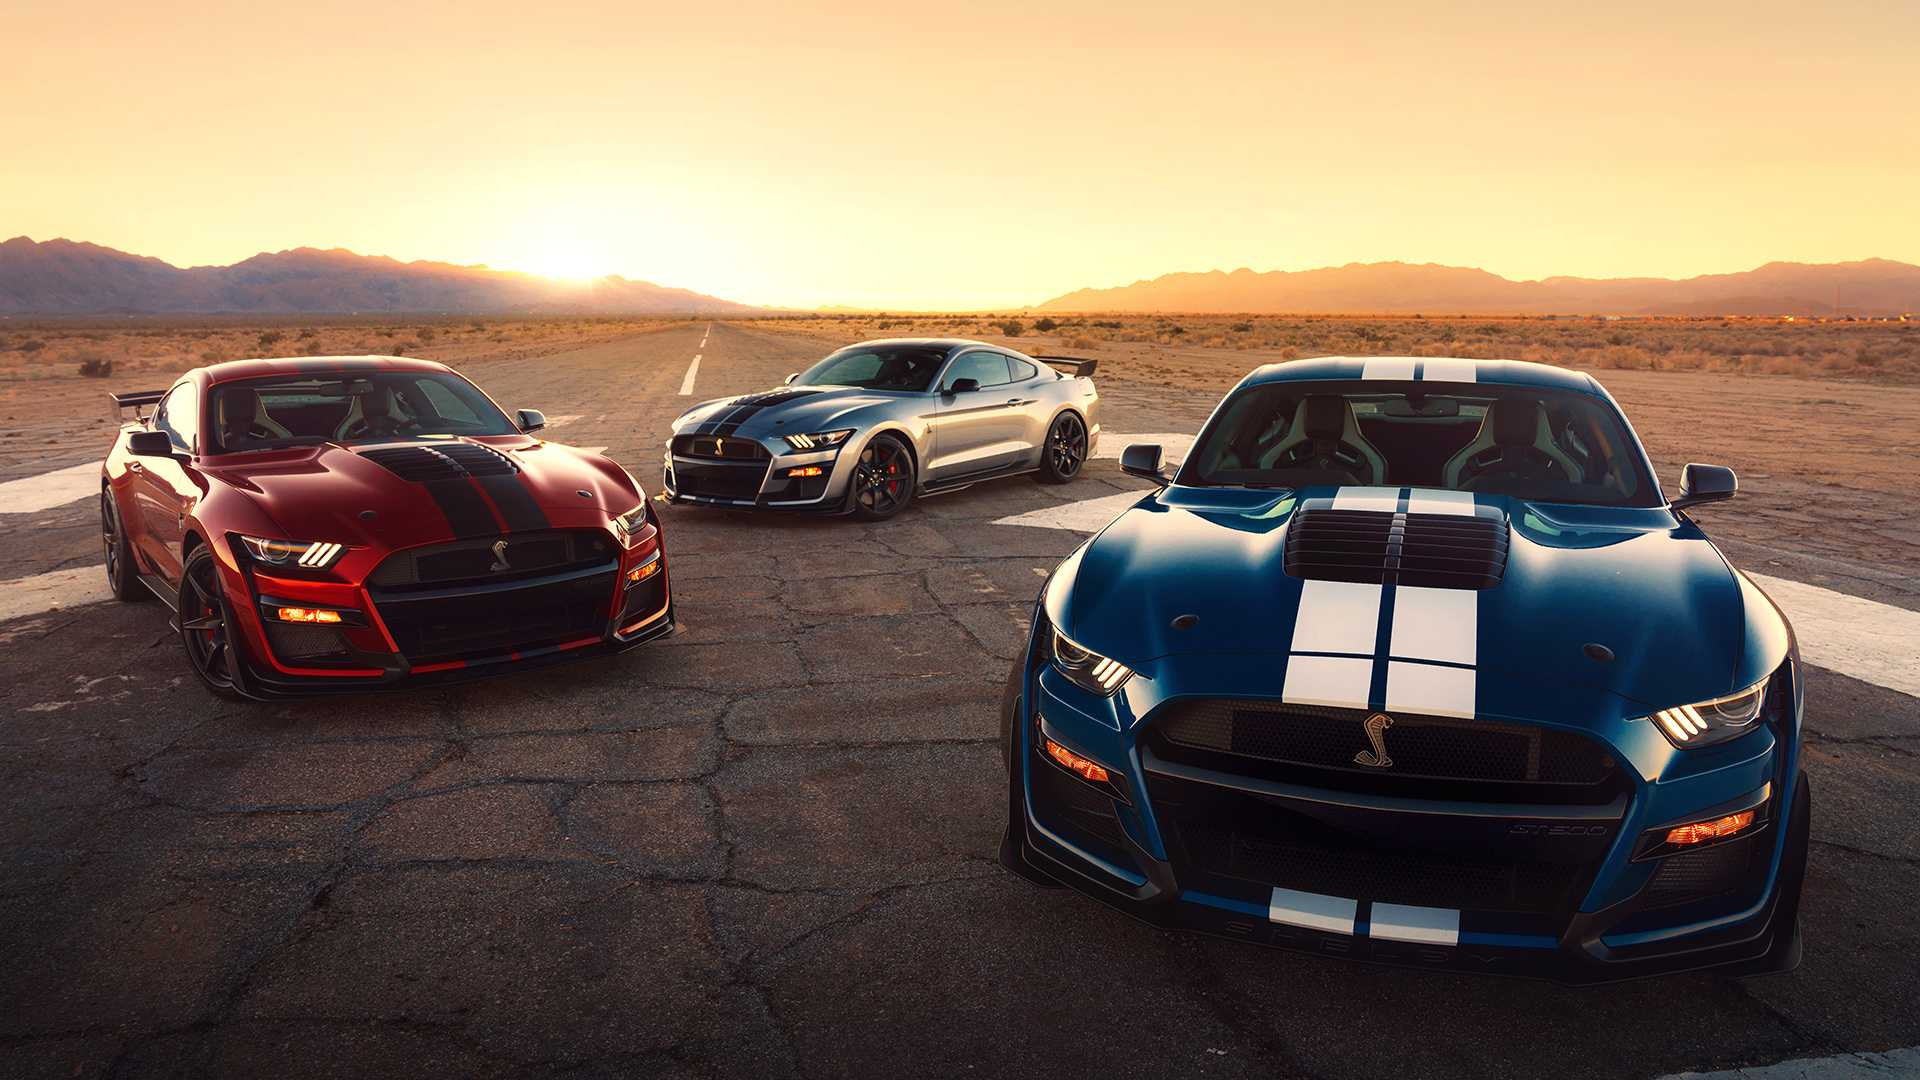 شفروليه كامارو ZL1 بمواجهة كل من فورد موستانج شيلبي GT 500 ودودج تشالنجر هيلكات : أيهما تفضلون؟